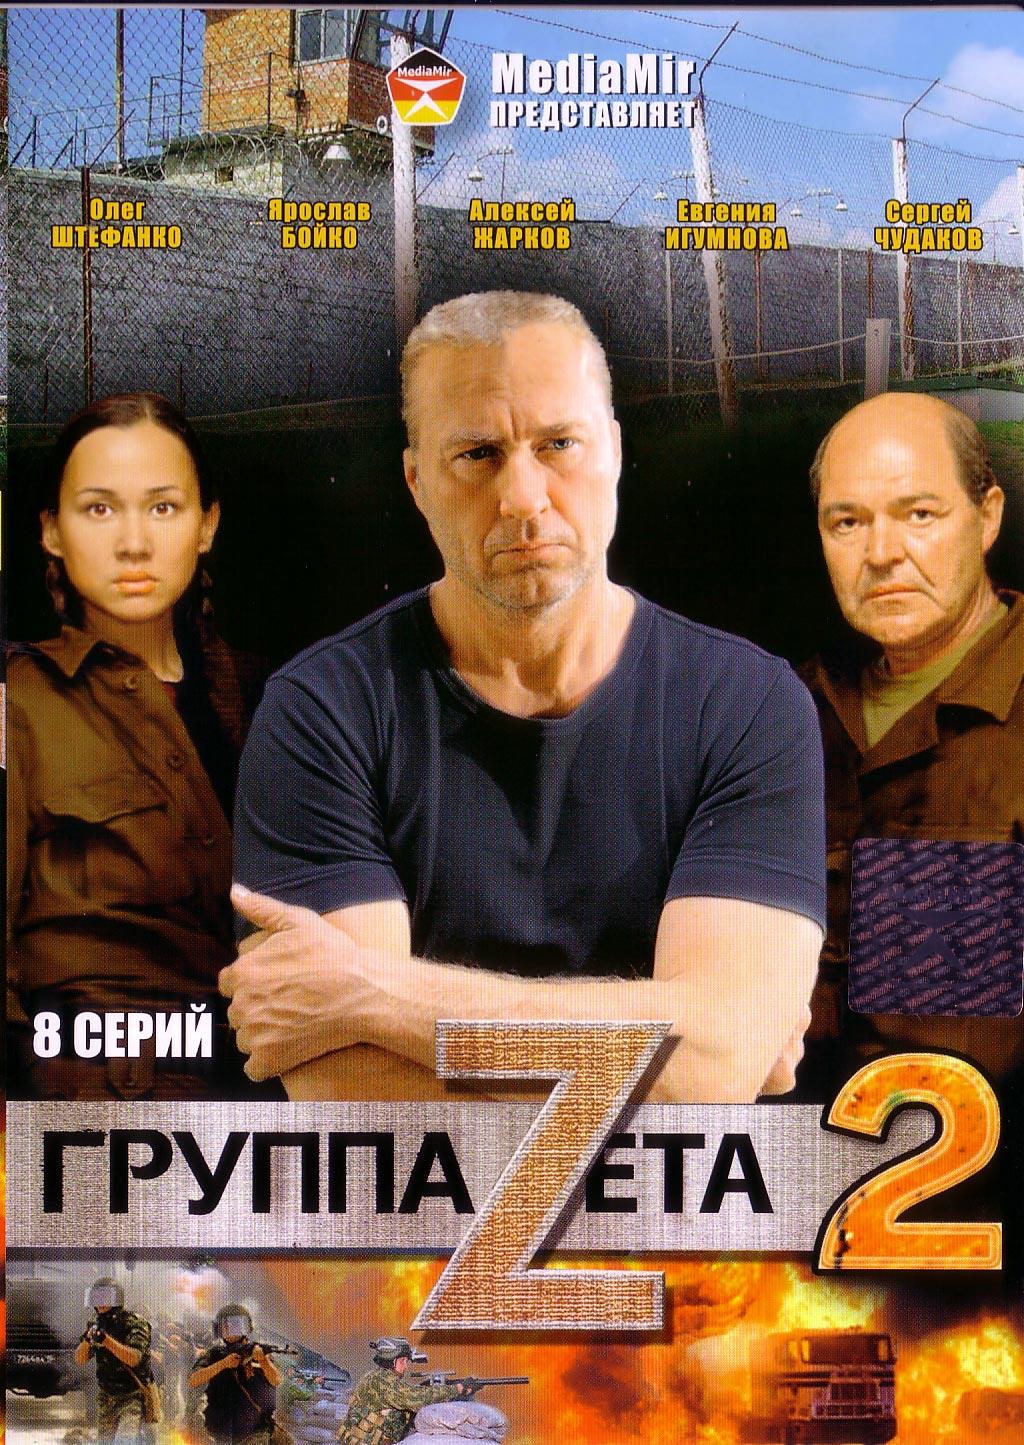 Мультфильм зета серия 1